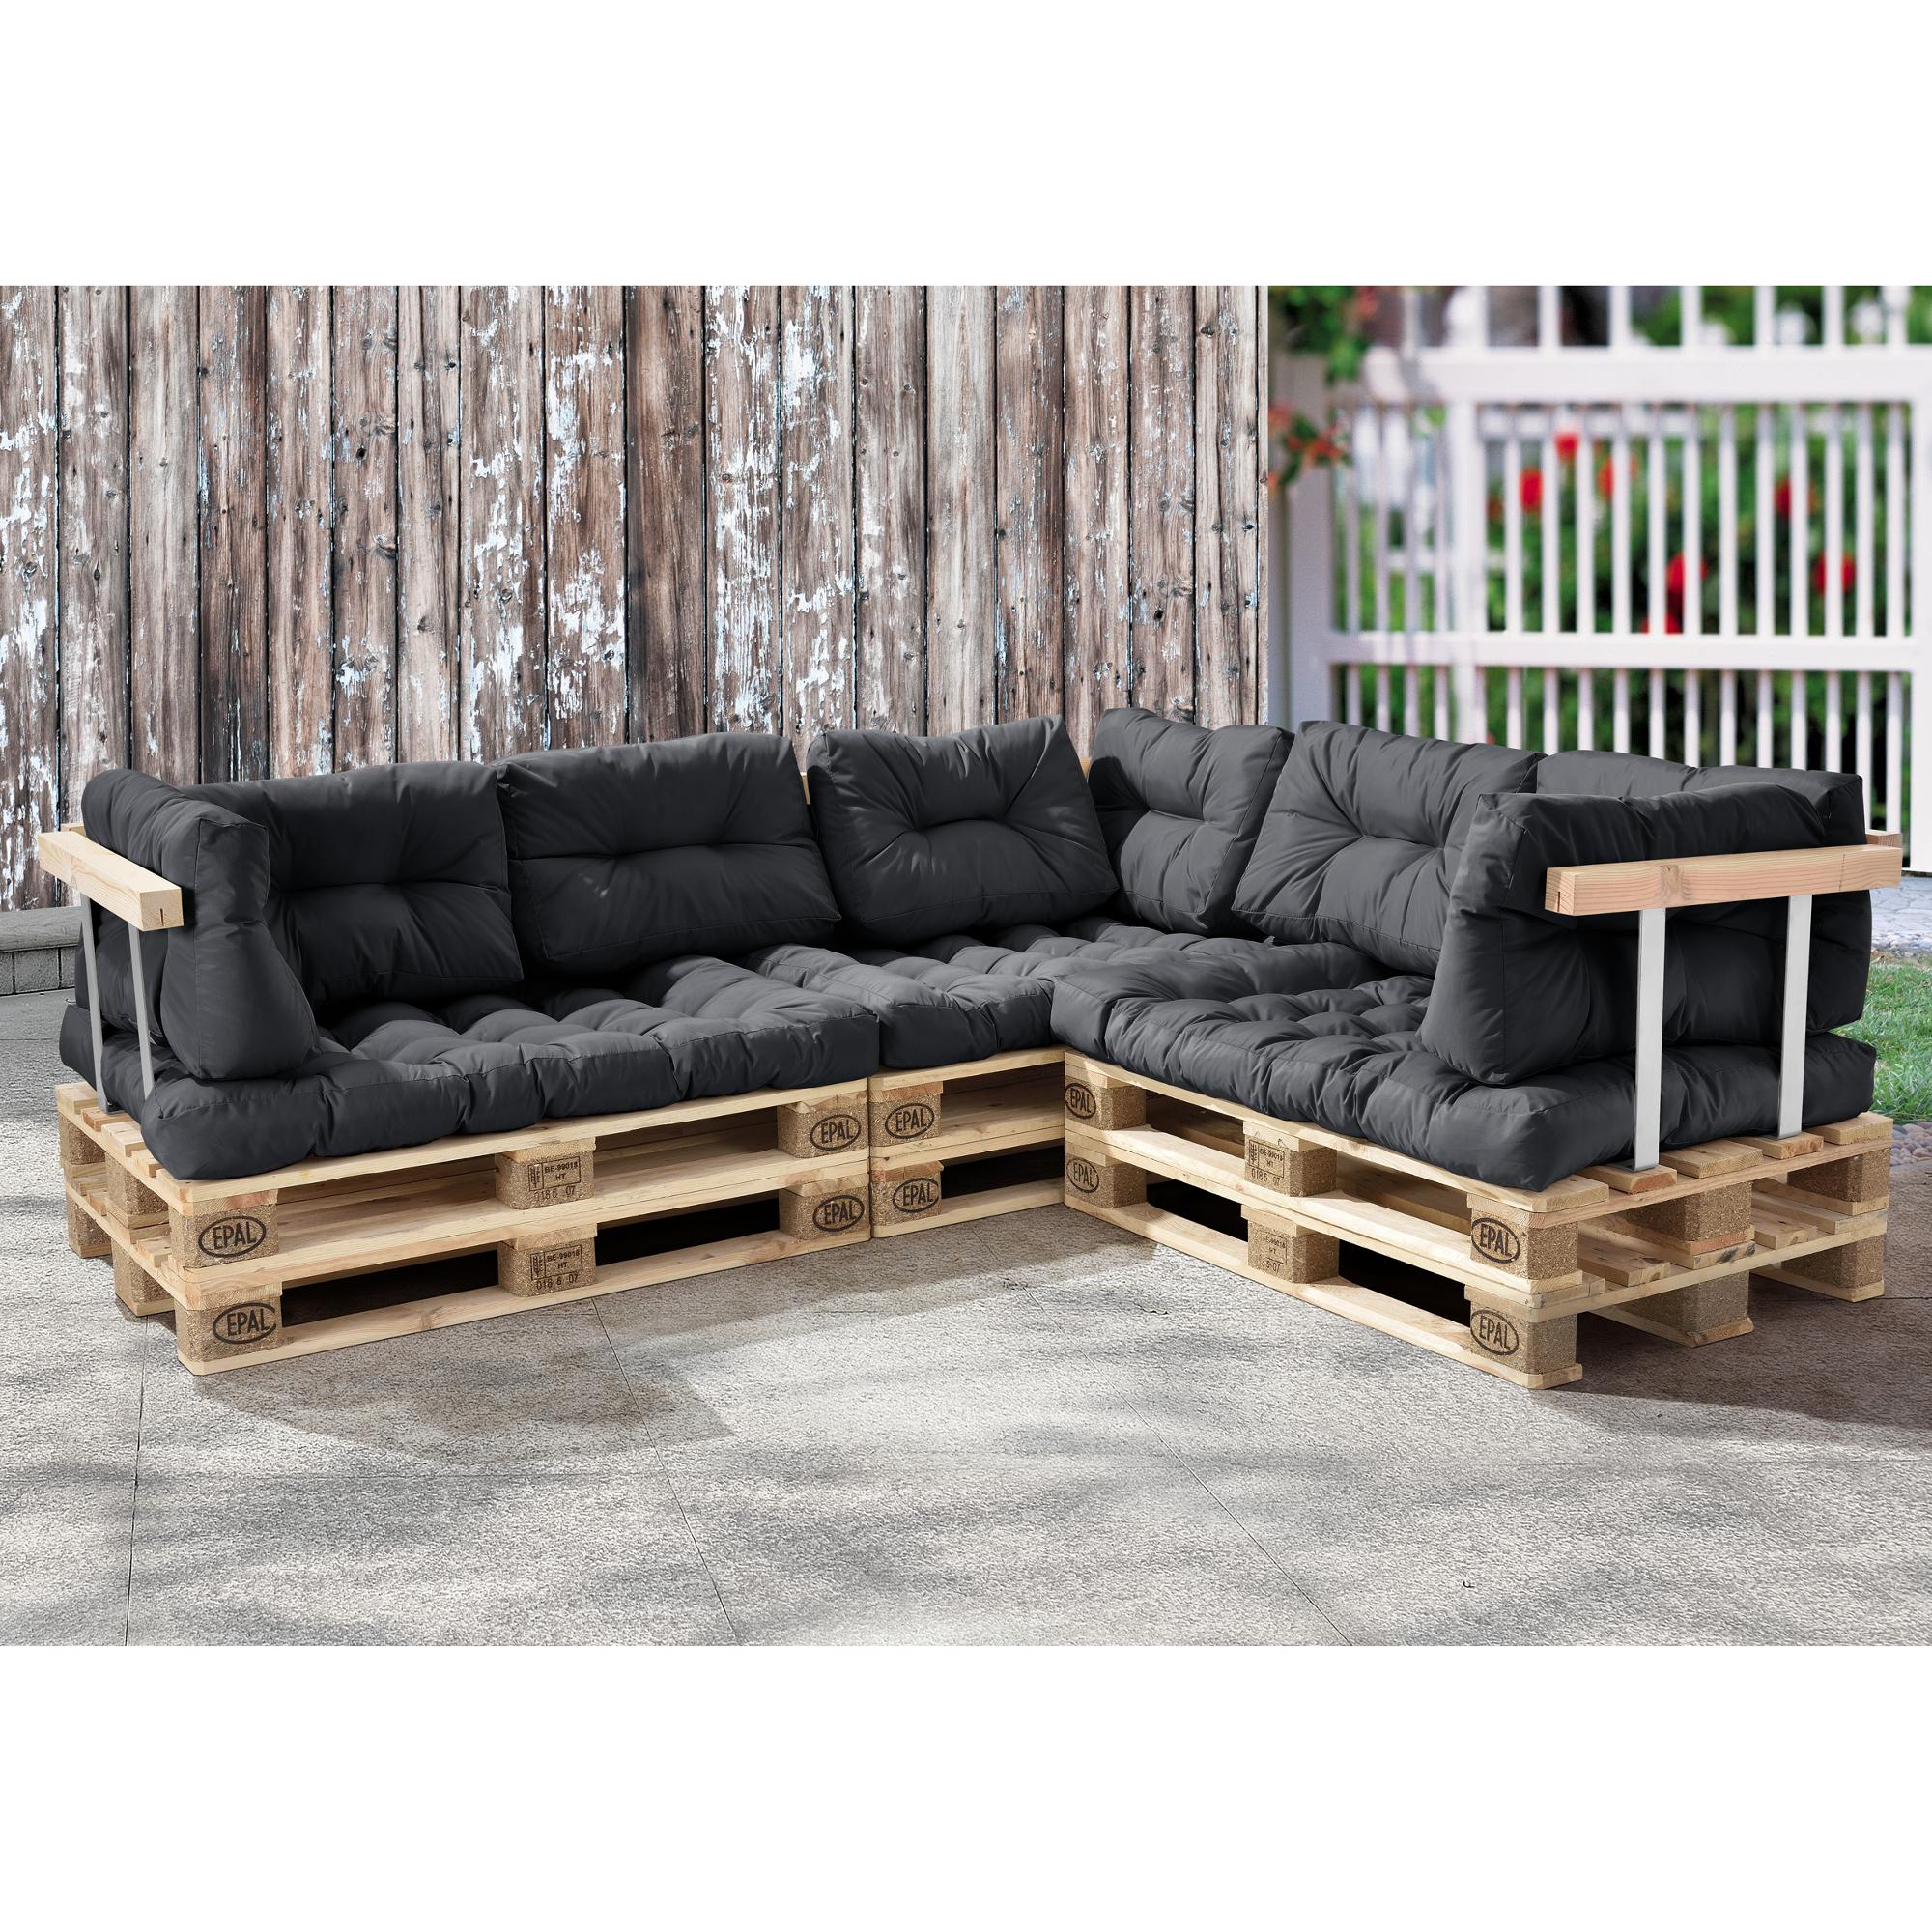 Euro paletten sofa 11x sitz r ckenkissen dunkelgrau for Couch auflage